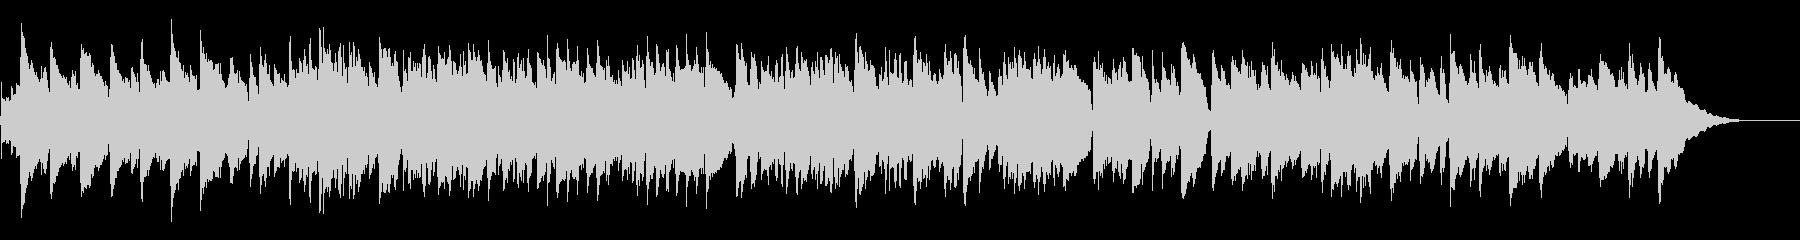 のどかなアイリッシュ音楽風アコギソロの未再生の波形